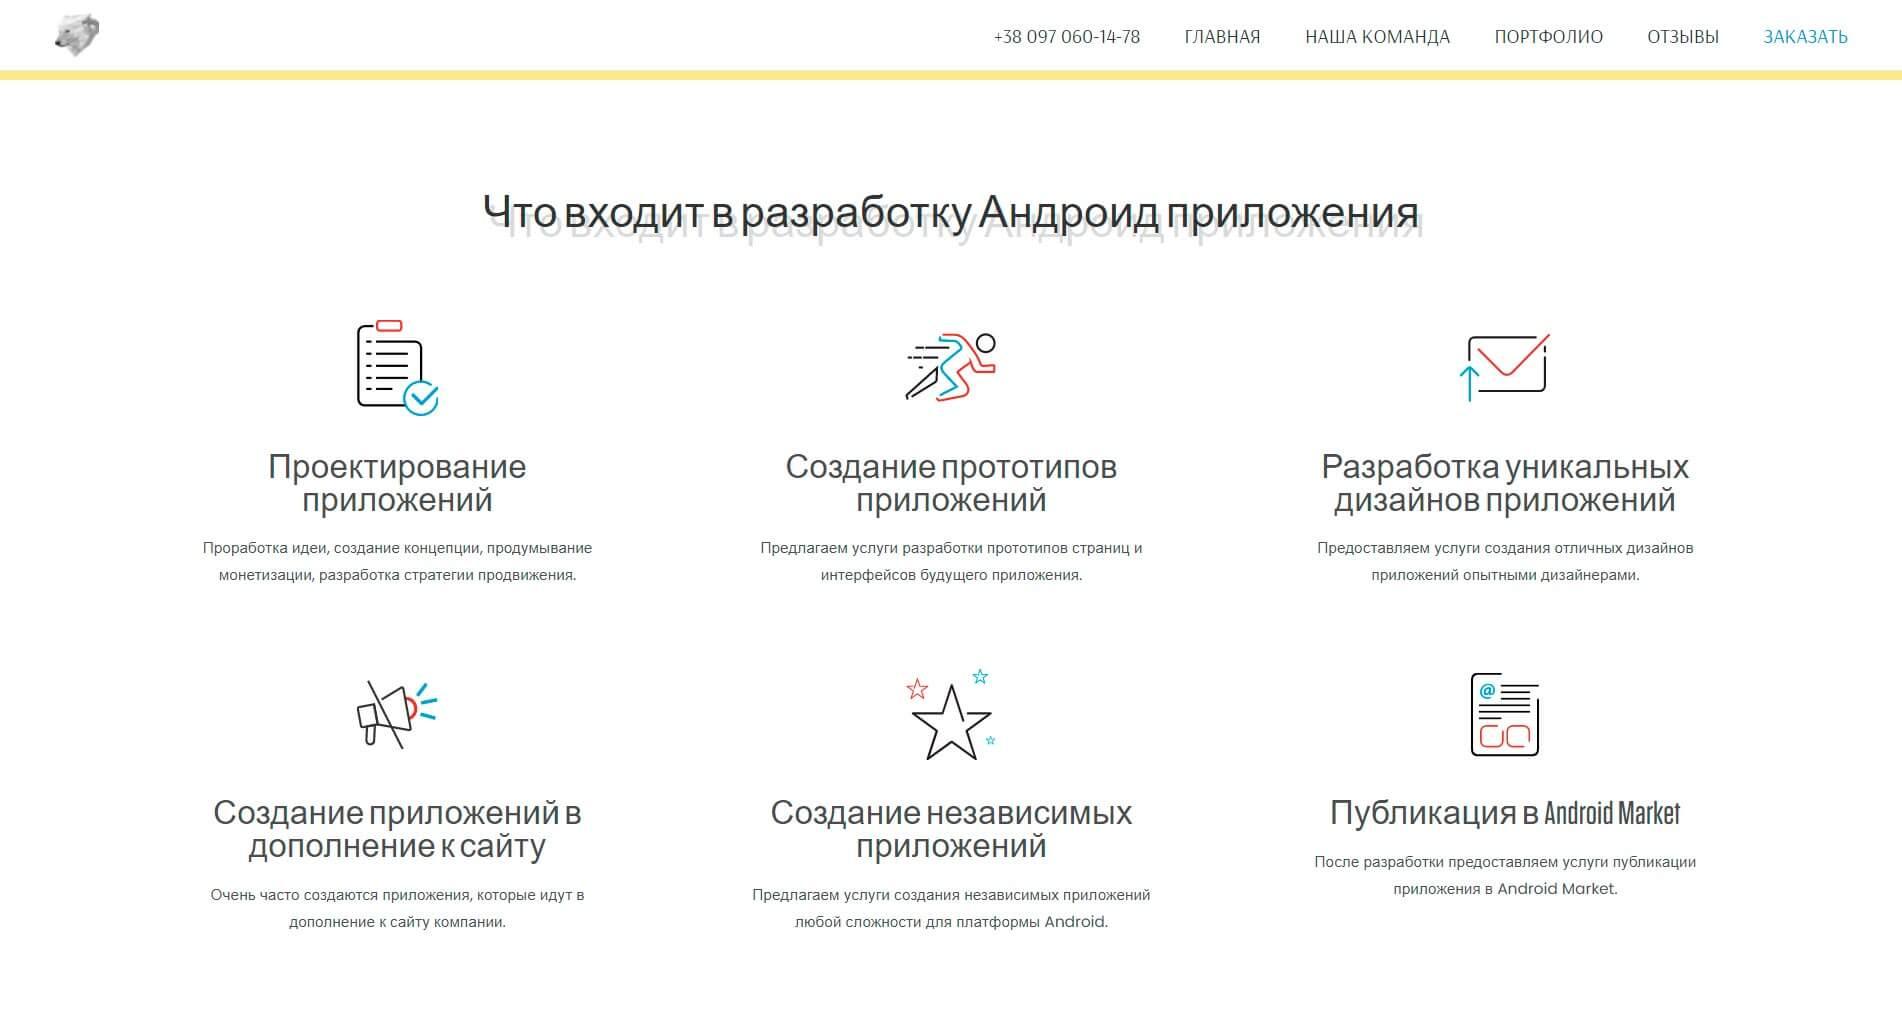 ALFA WEB - обзор компании, услуги, отзывы, клиенты, Фото № 2 - google-seo.pro